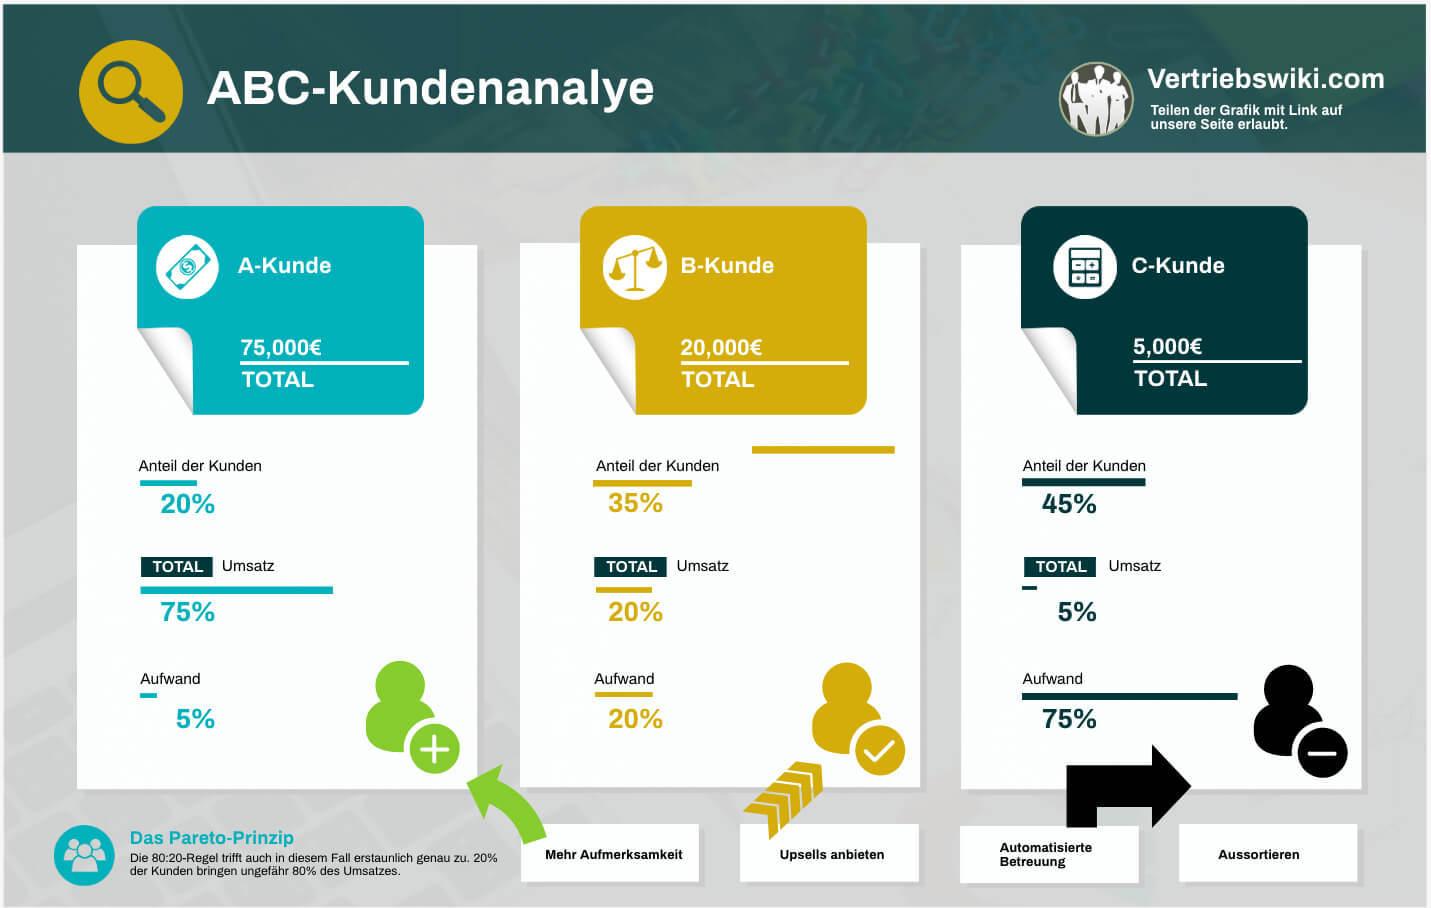 ABC Kundenanalyse Infografik, Zahlen und Maßnahmen veranschaulicht, ABC Kunden nach Aufwand, Einsatz und Gewinn sortiert